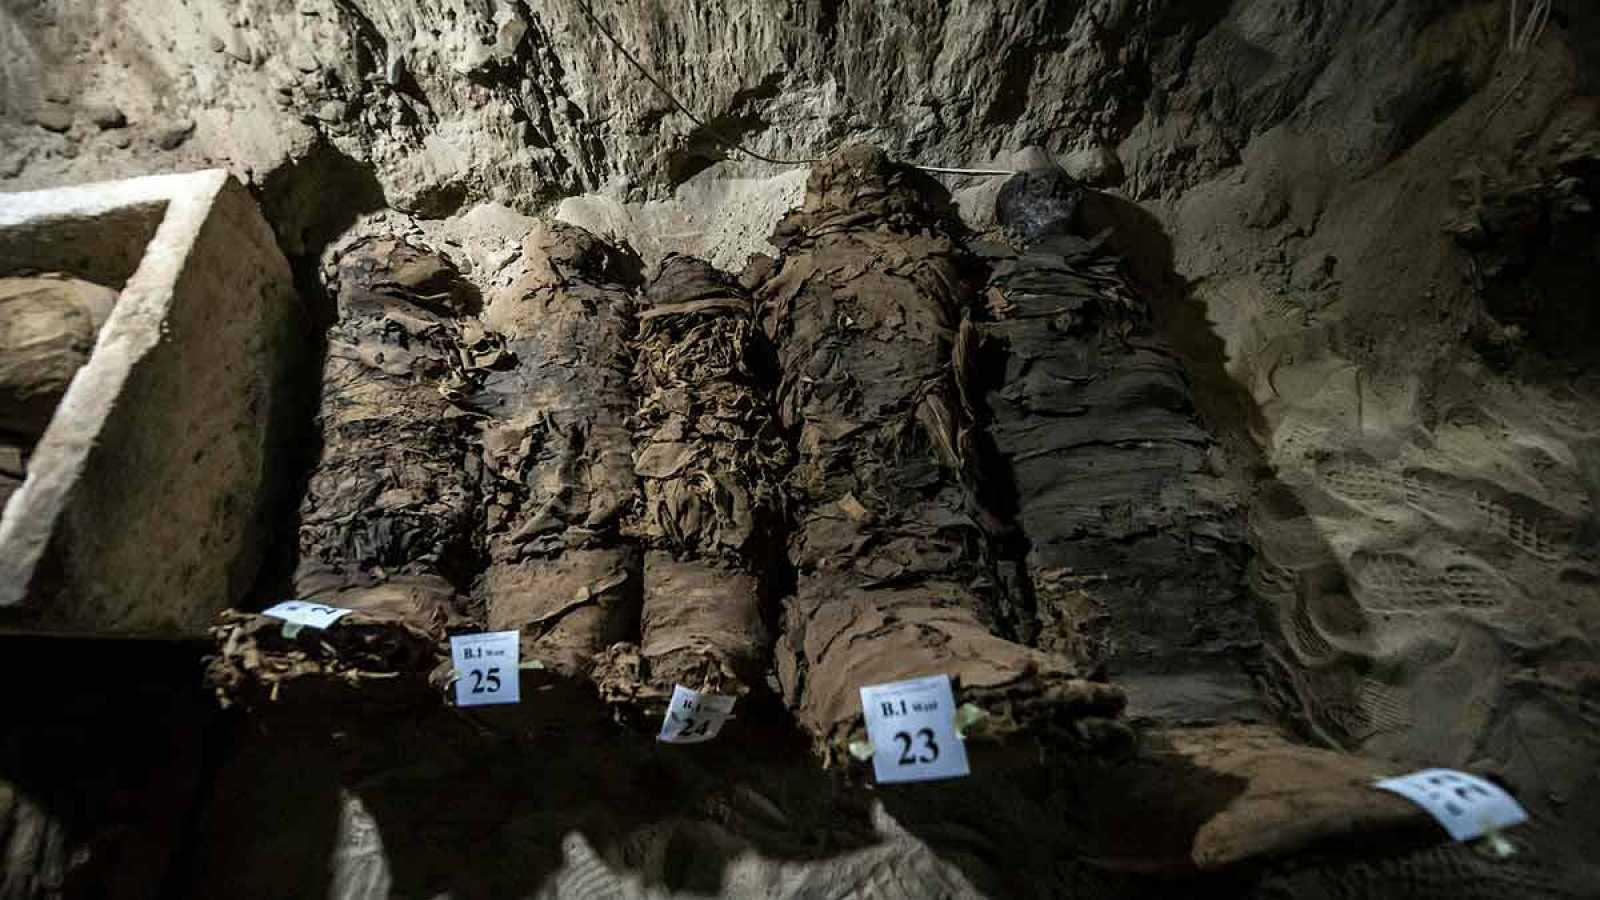 Descubren una cámara funeraria con 17 momias y varios sarcófagos en el valle del Nilo